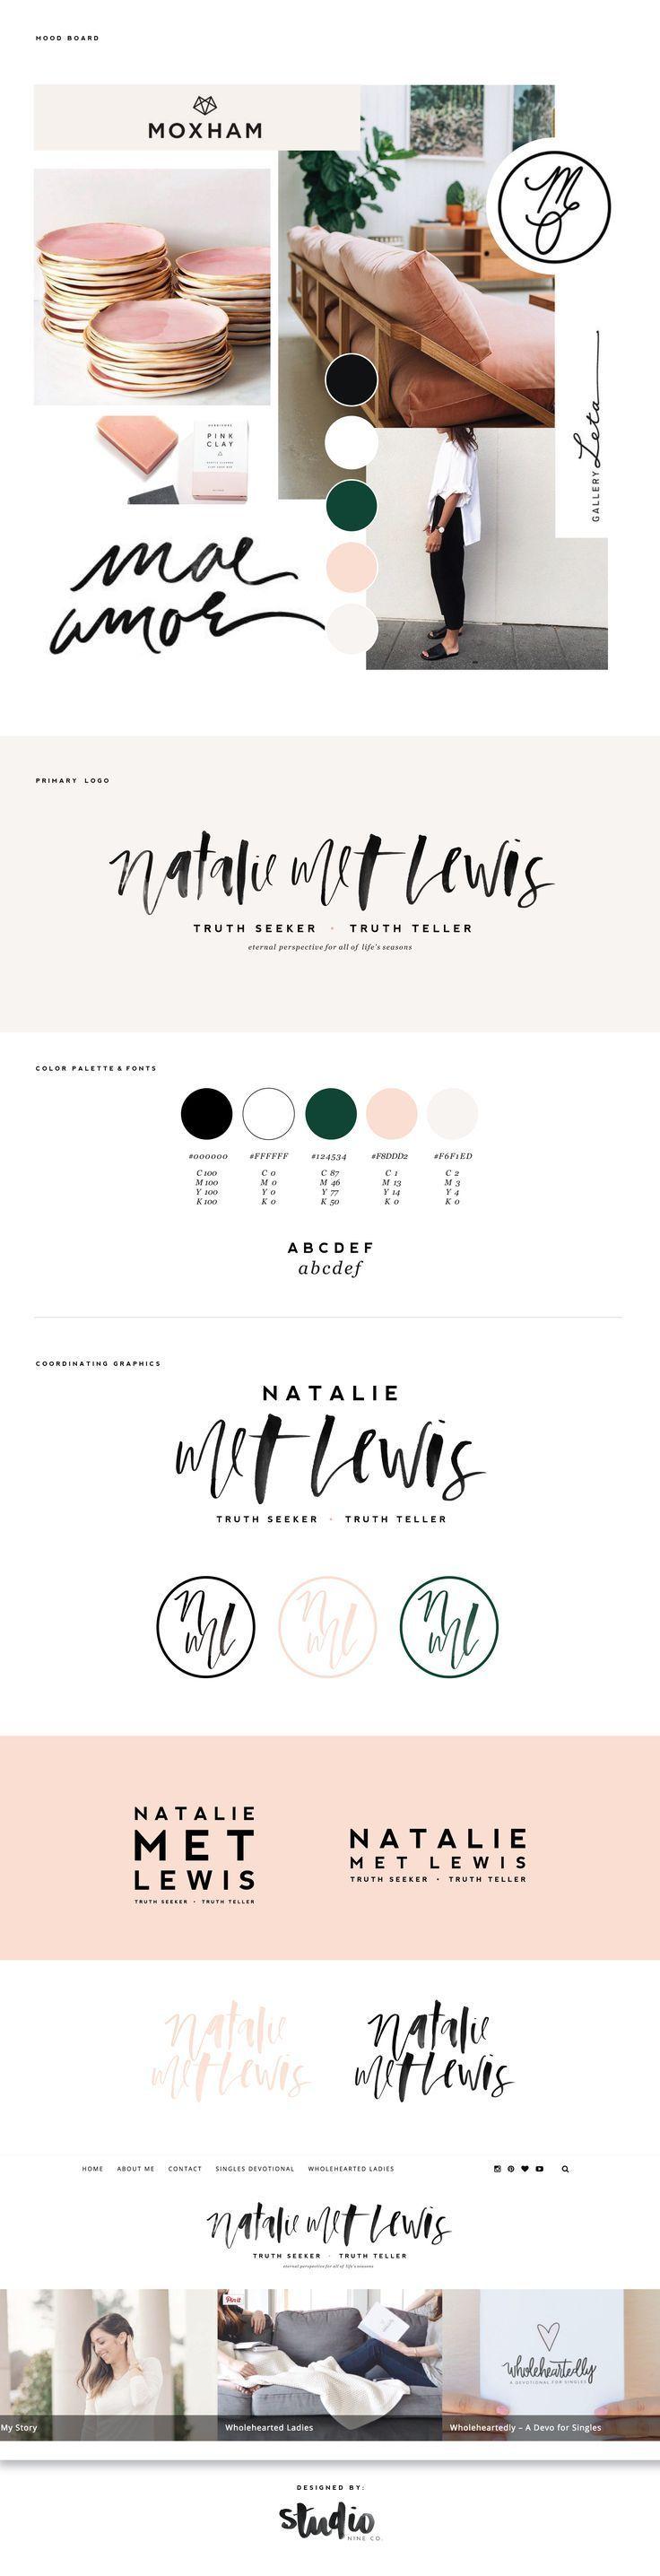 FINAL BRANDING BOARD for Natalie Met Lewis, by Studio 9 Co